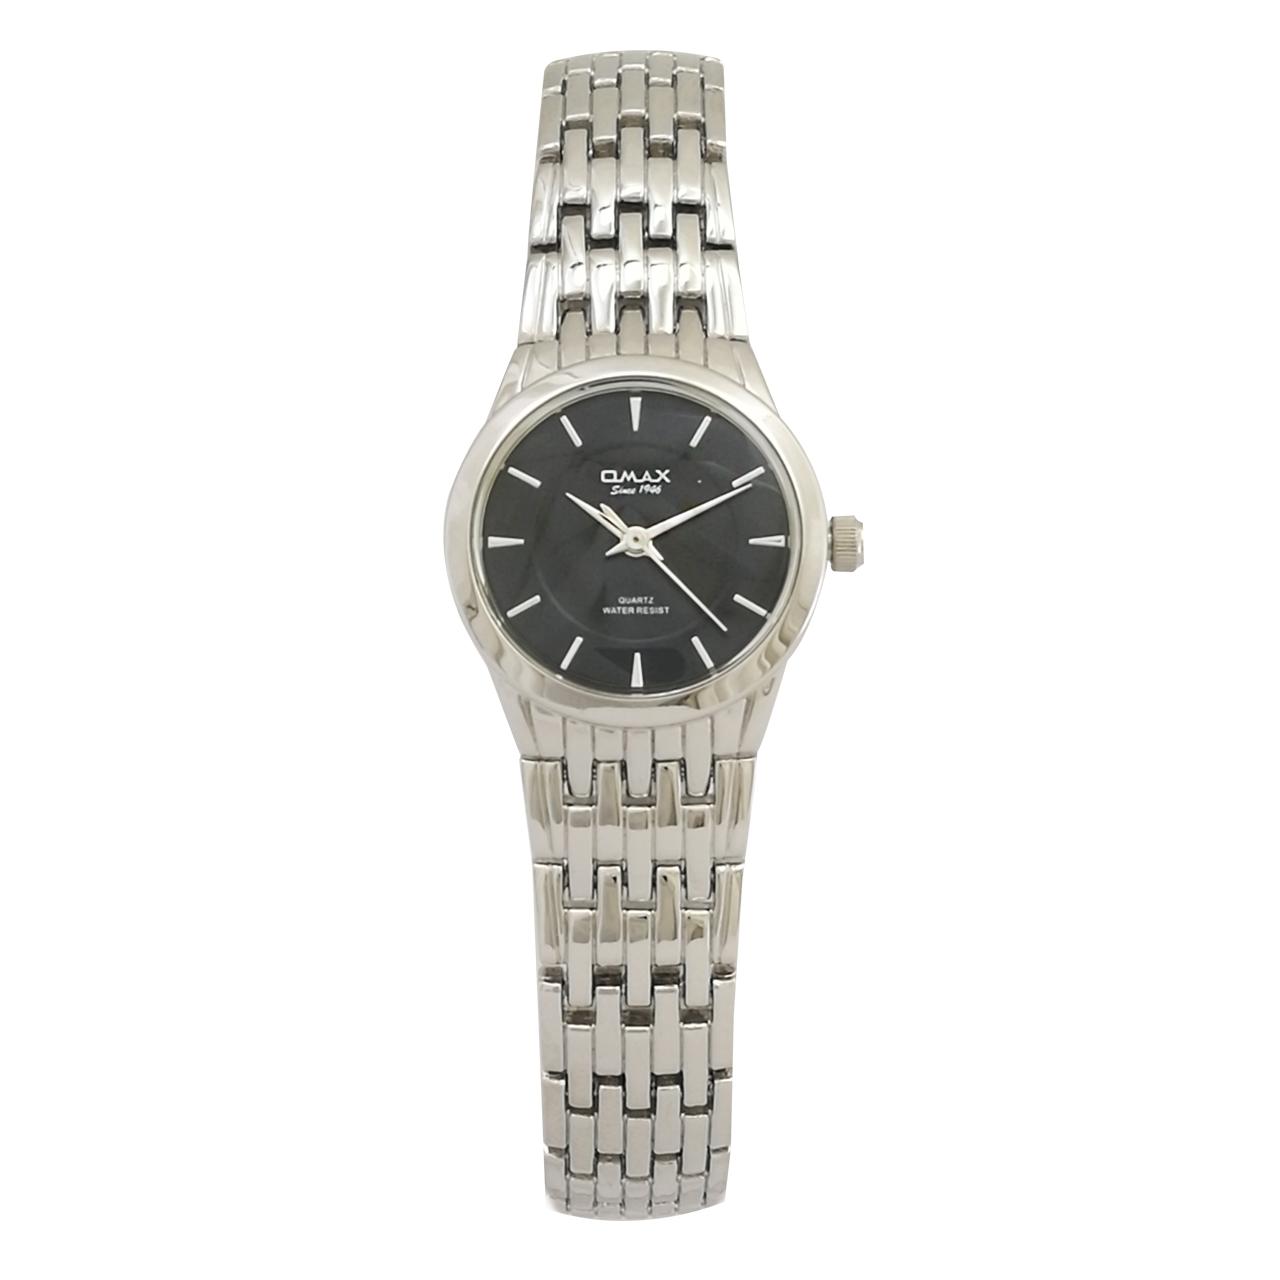 ساعت مچی عقربه ای  زنانه اوماکس مدل hbc184 bj867 به همراه دستمال مخصوص برند کلین واچ 12